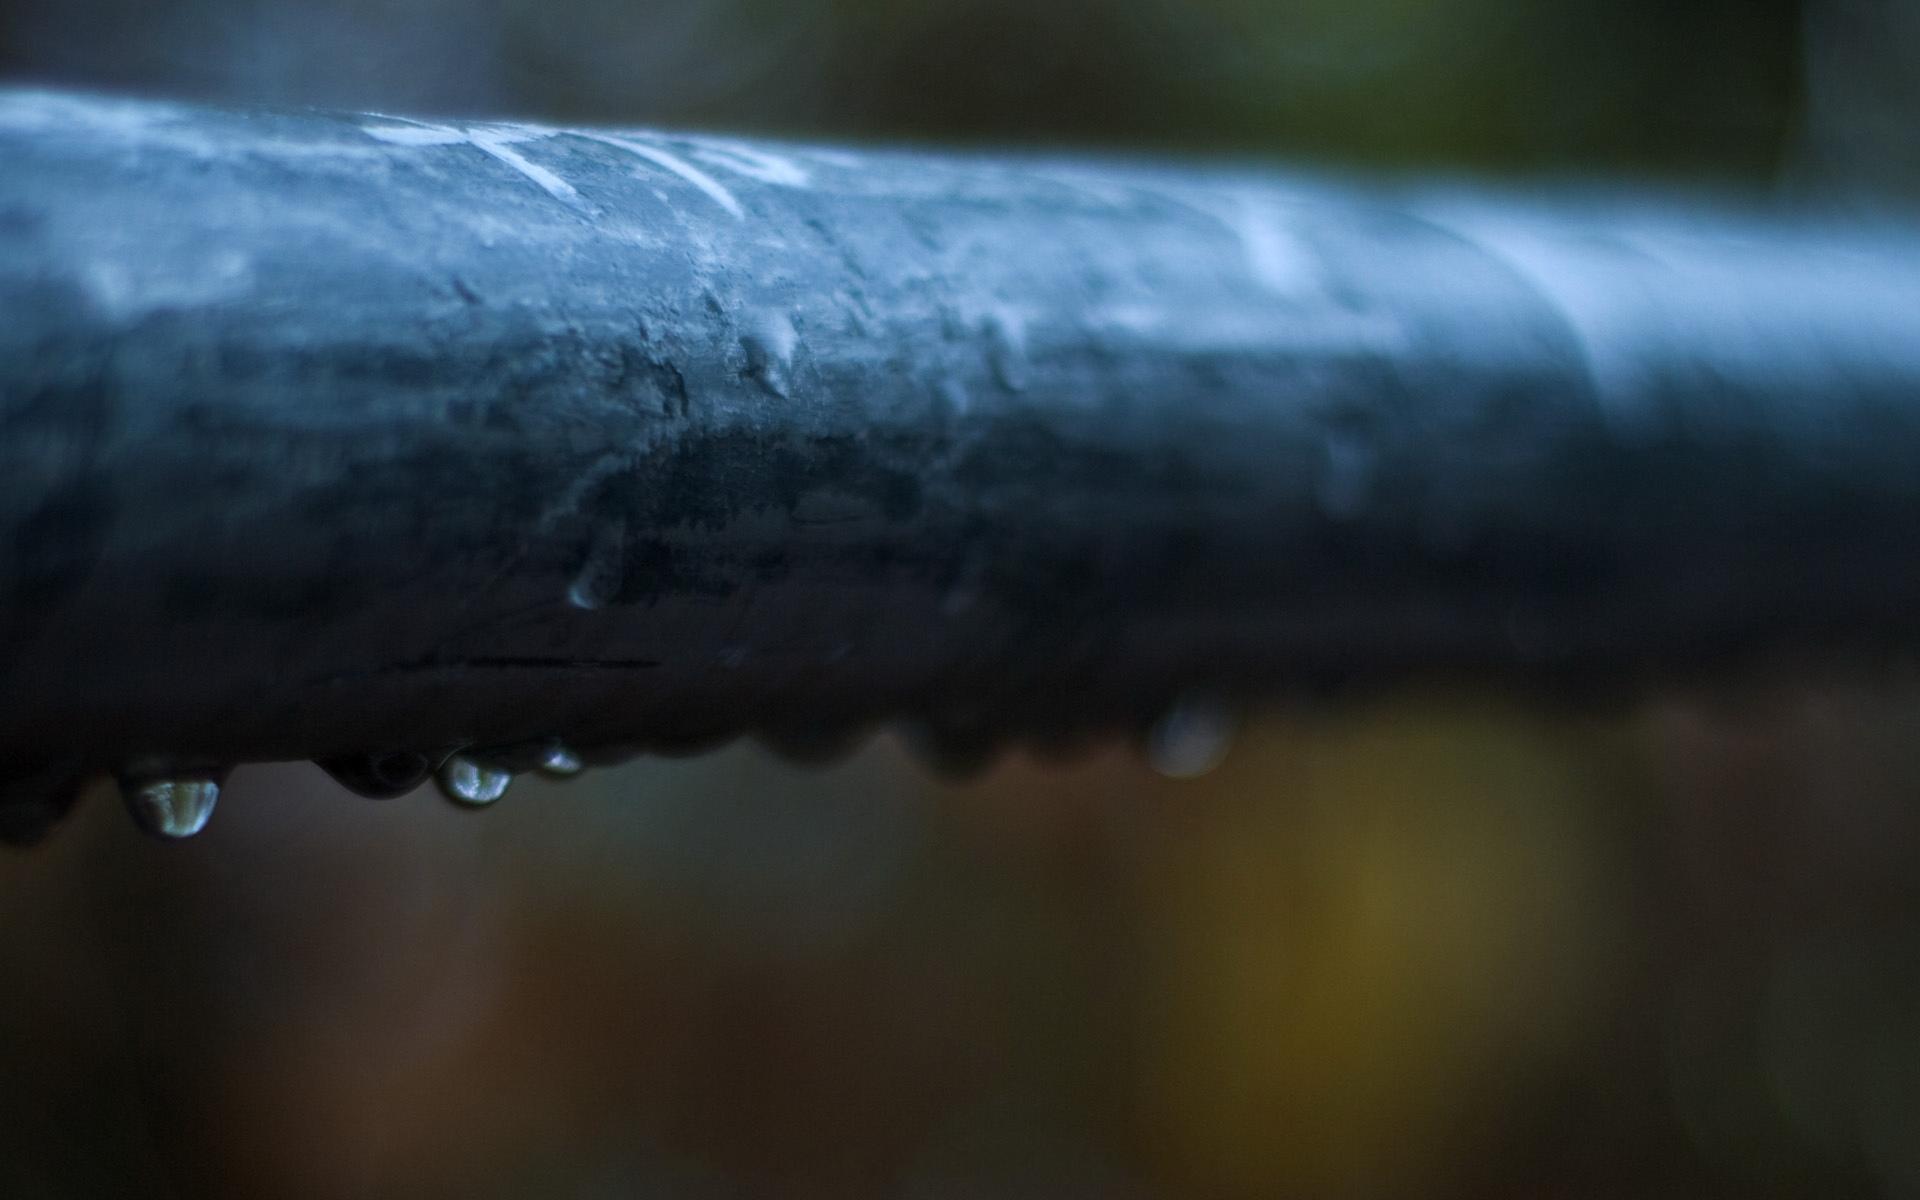 raindrops wallpaper 39888